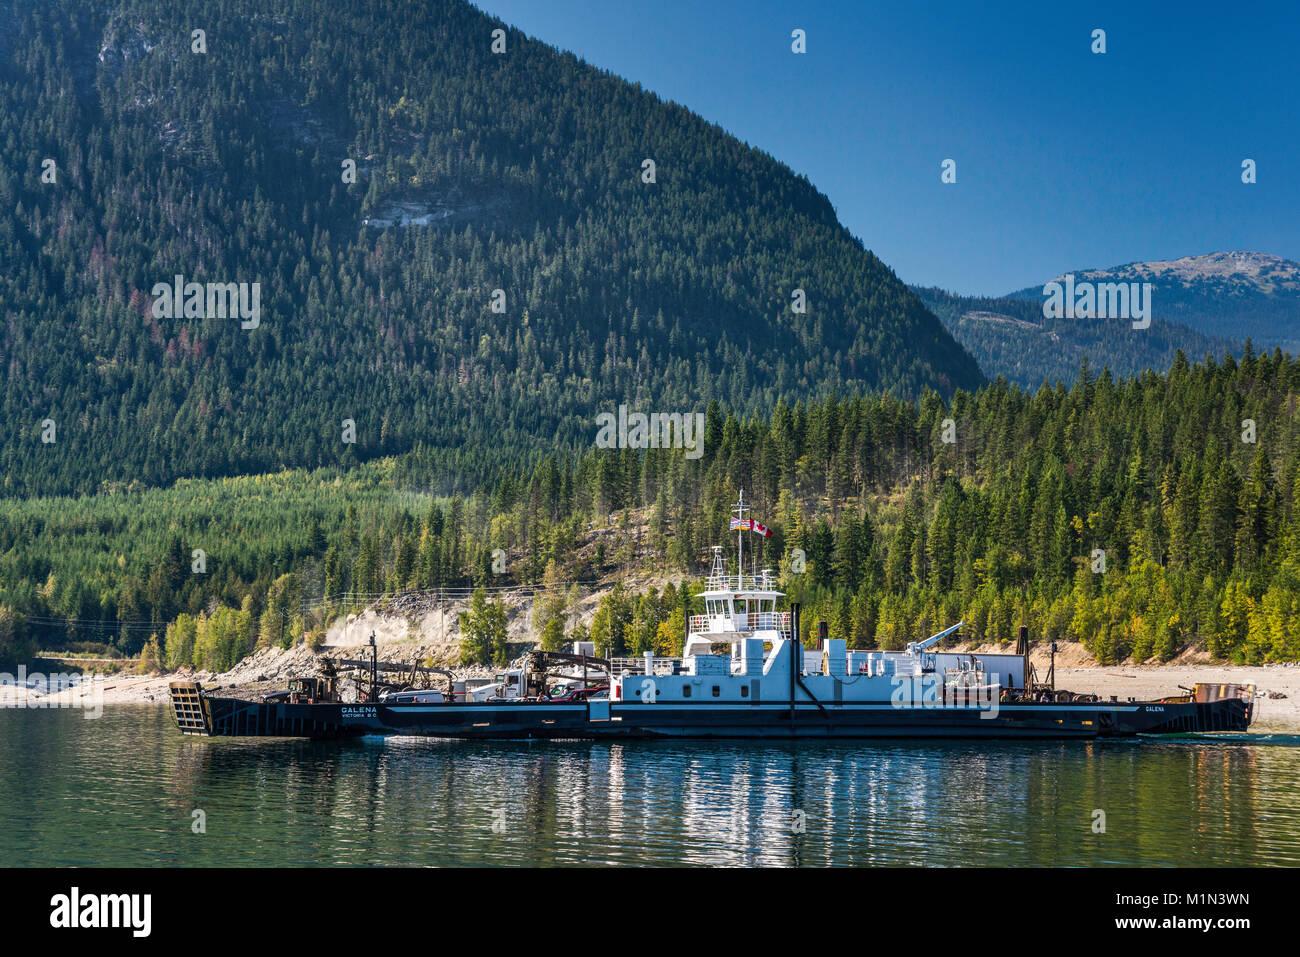 MV Galena ferry cruzando el lago de flecha superior del Shelter Bay a galena Bay, Montañas Selkirk en distancia, West Kootenay, British Columbia, Canadá Foto de stock